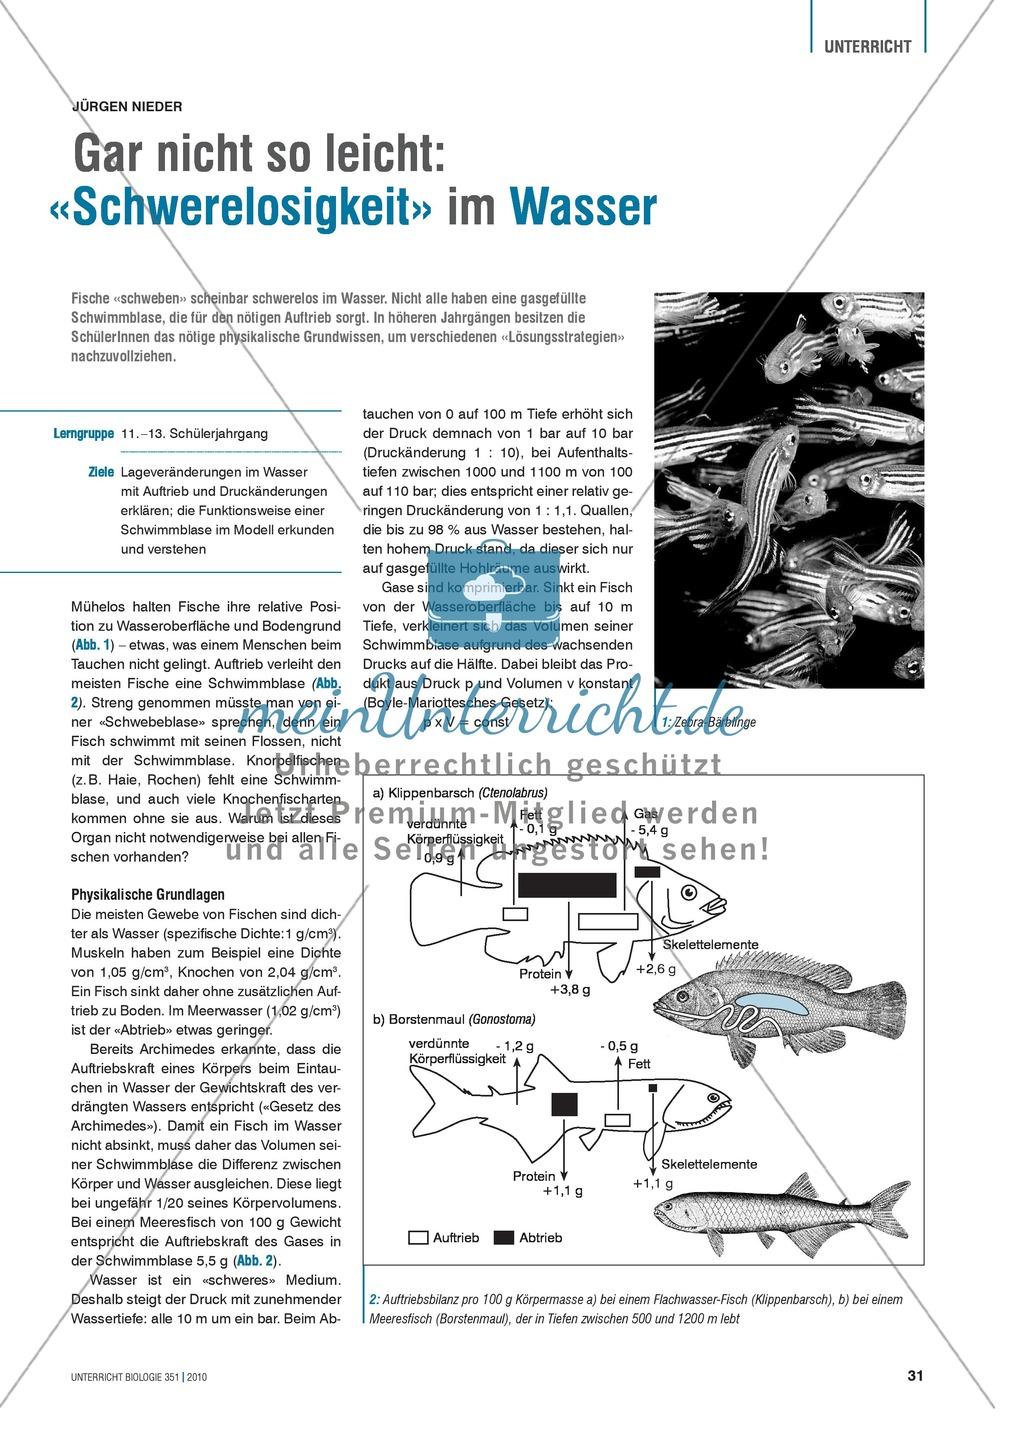 Die Funktionsweise der Schwimmblase im Modell erkunden und verstehen: Preview 0